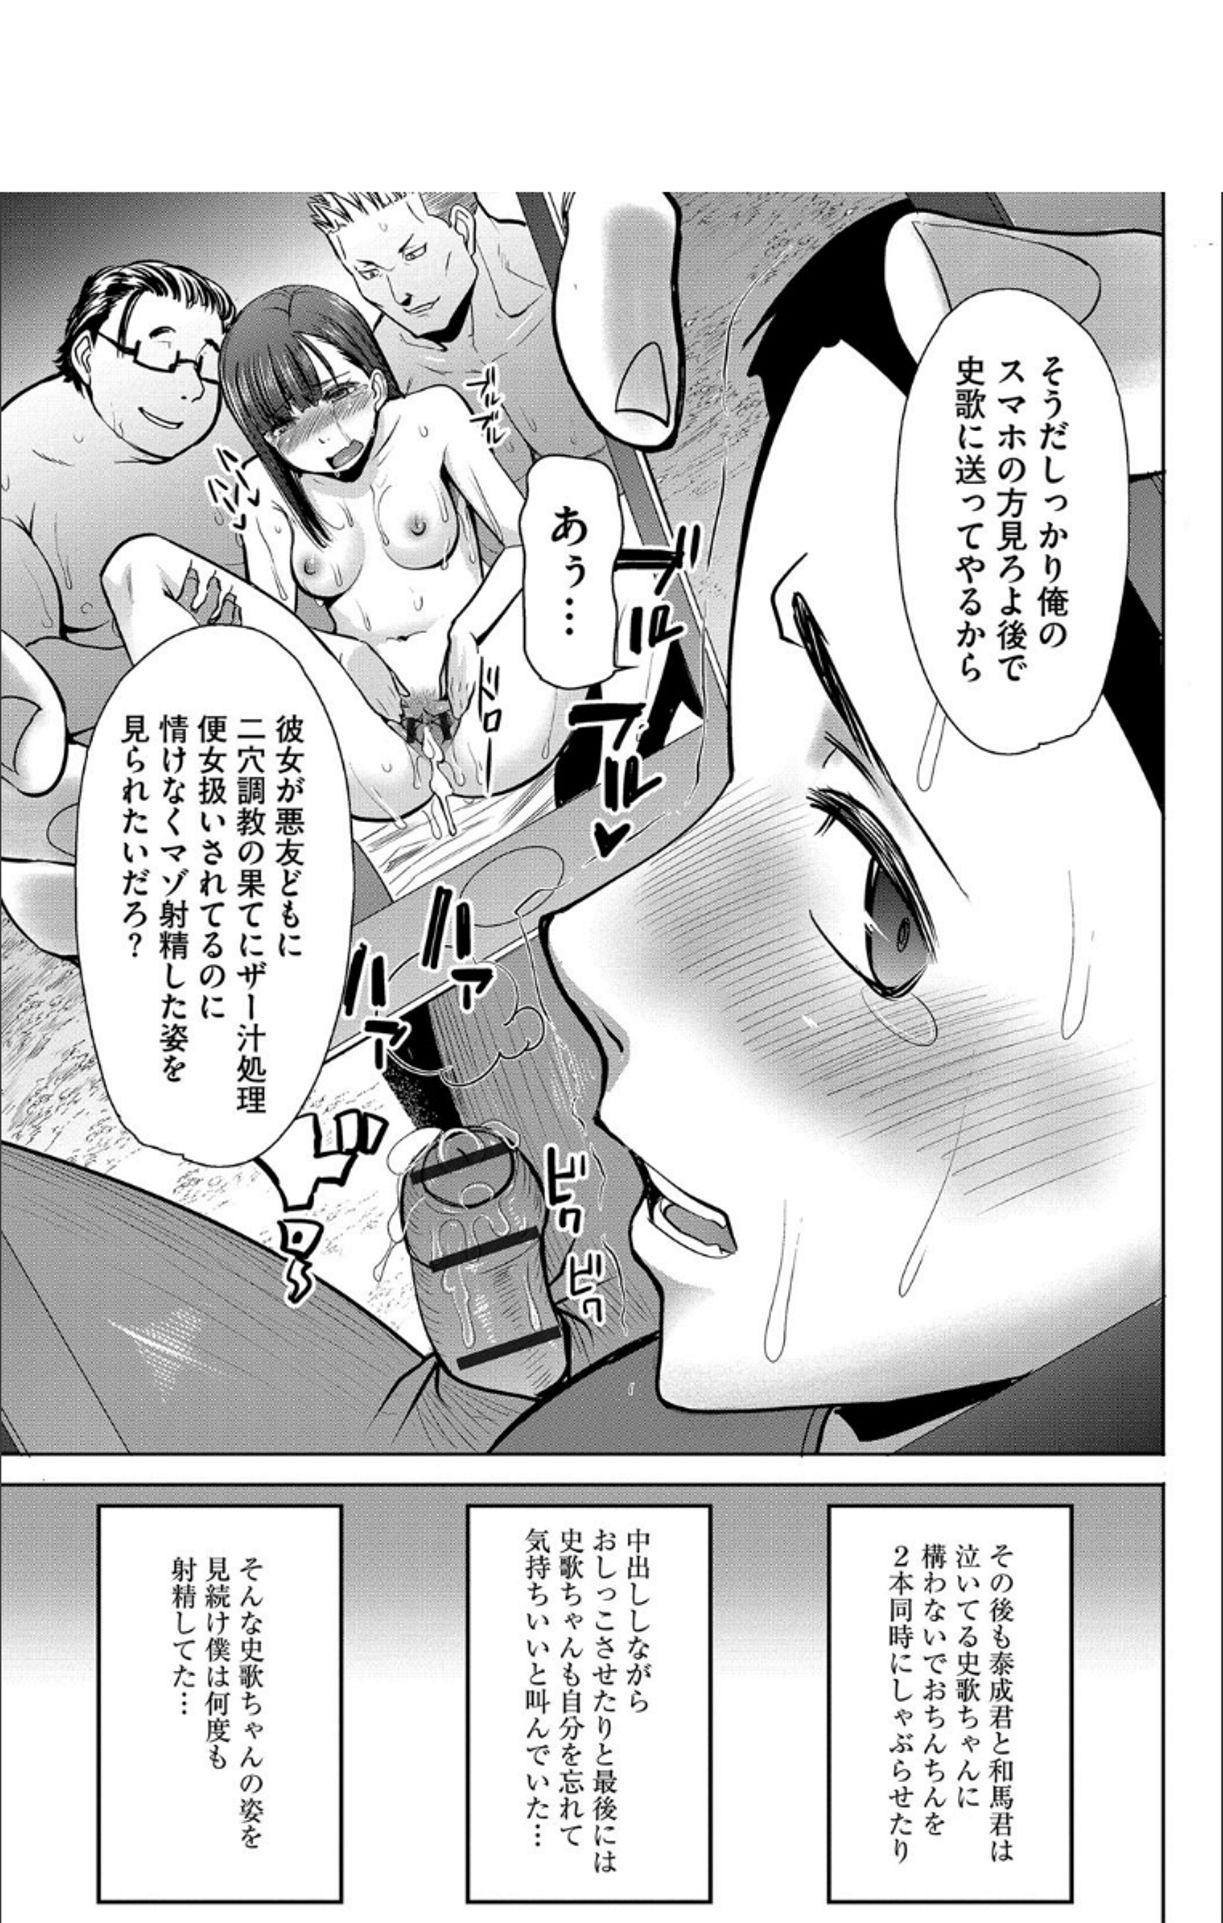 Boku no Kazoku o Sarashimasu + DMM Gentei Tokuten Paper 215